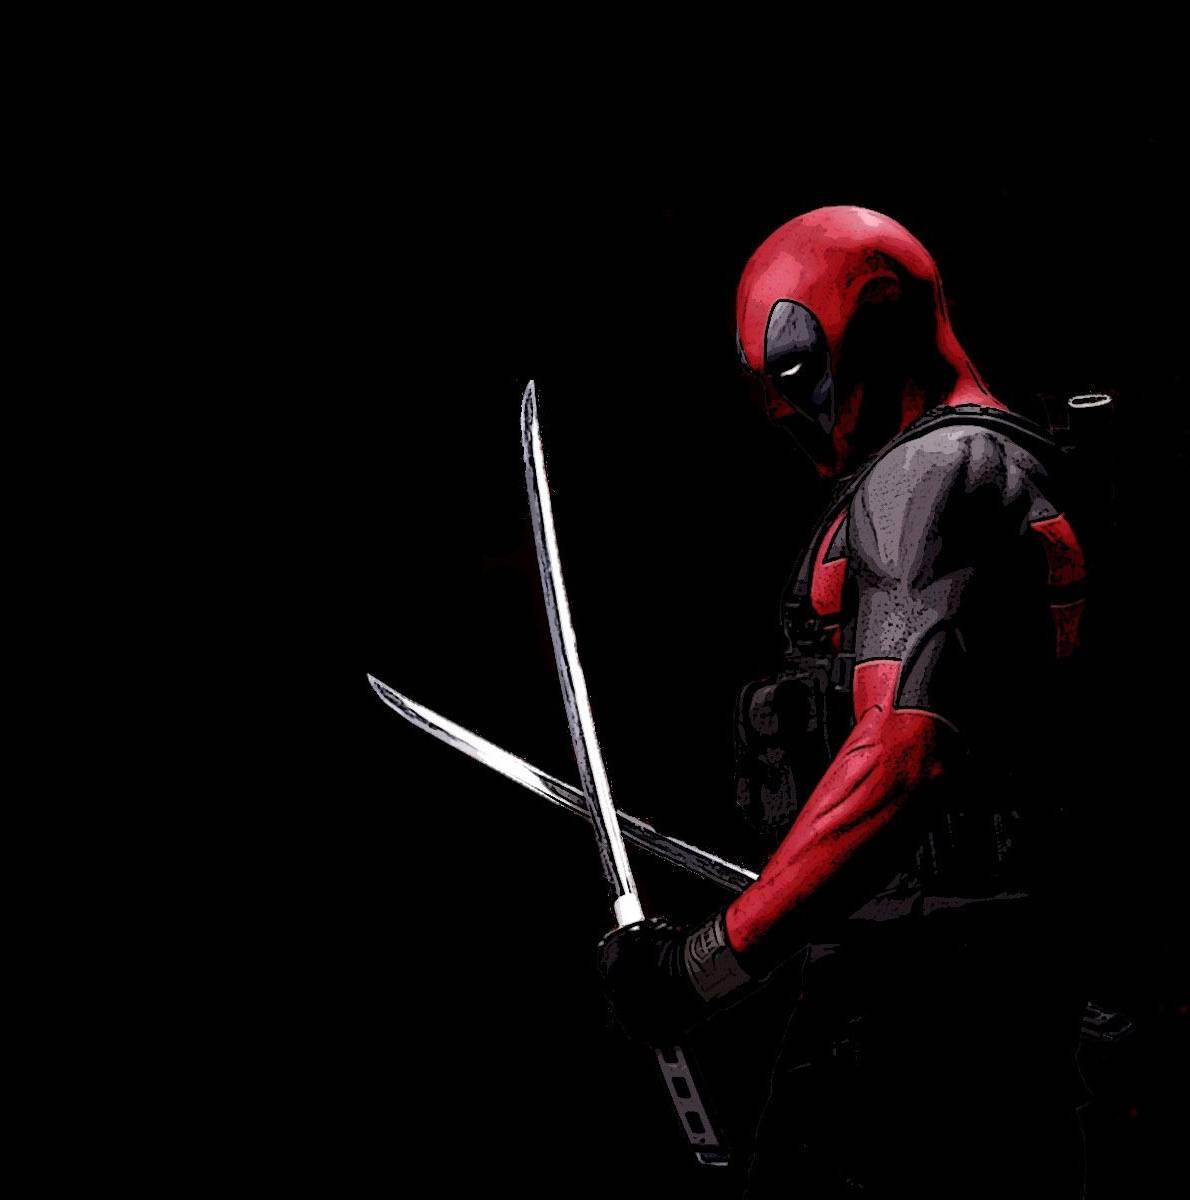 Wallpaper Iphone Superhero: Deadpool Hd Wallpaper By Akashkhan23